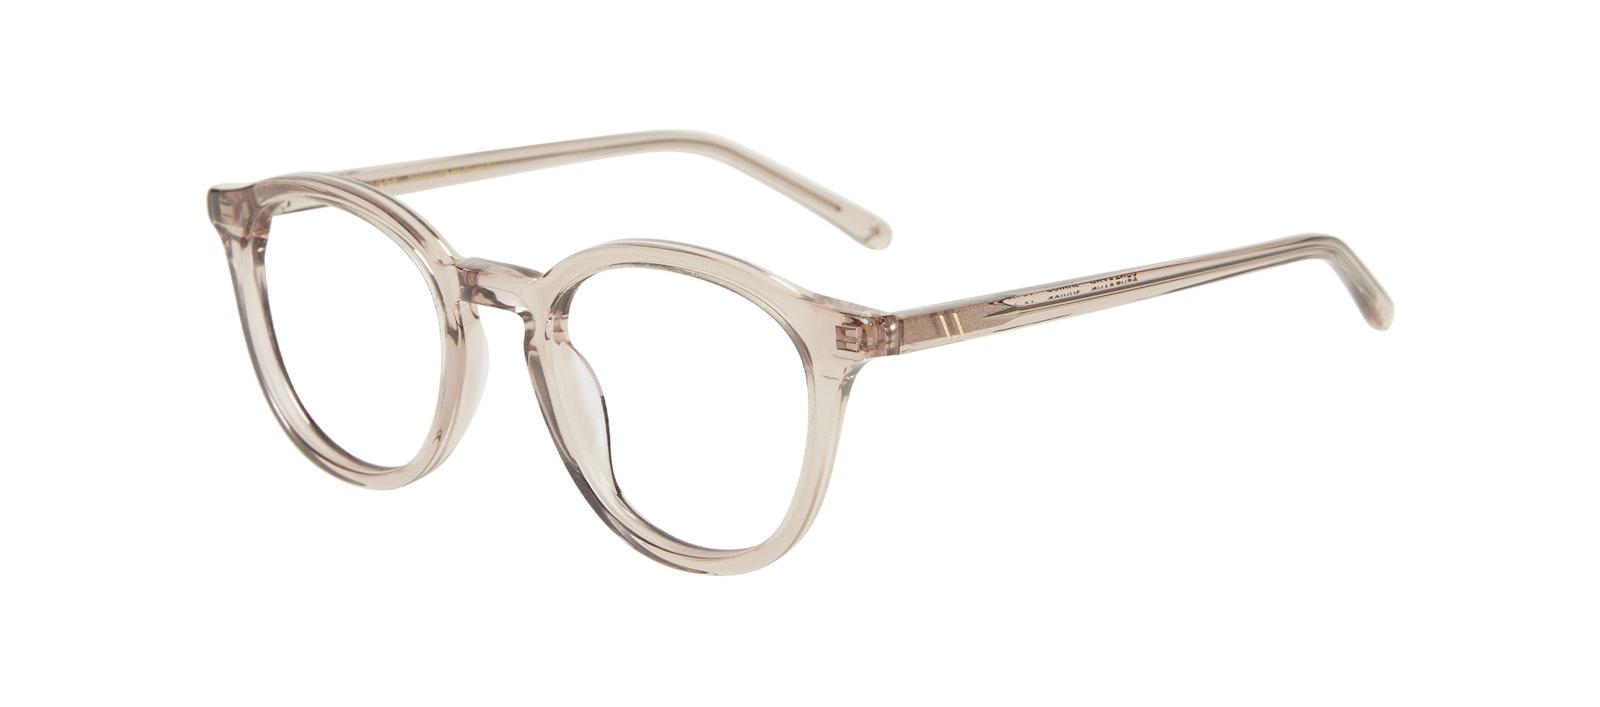 Affordable Fashion Glasses Round Eyeglasses Kids Gent Junior Sand Tilt